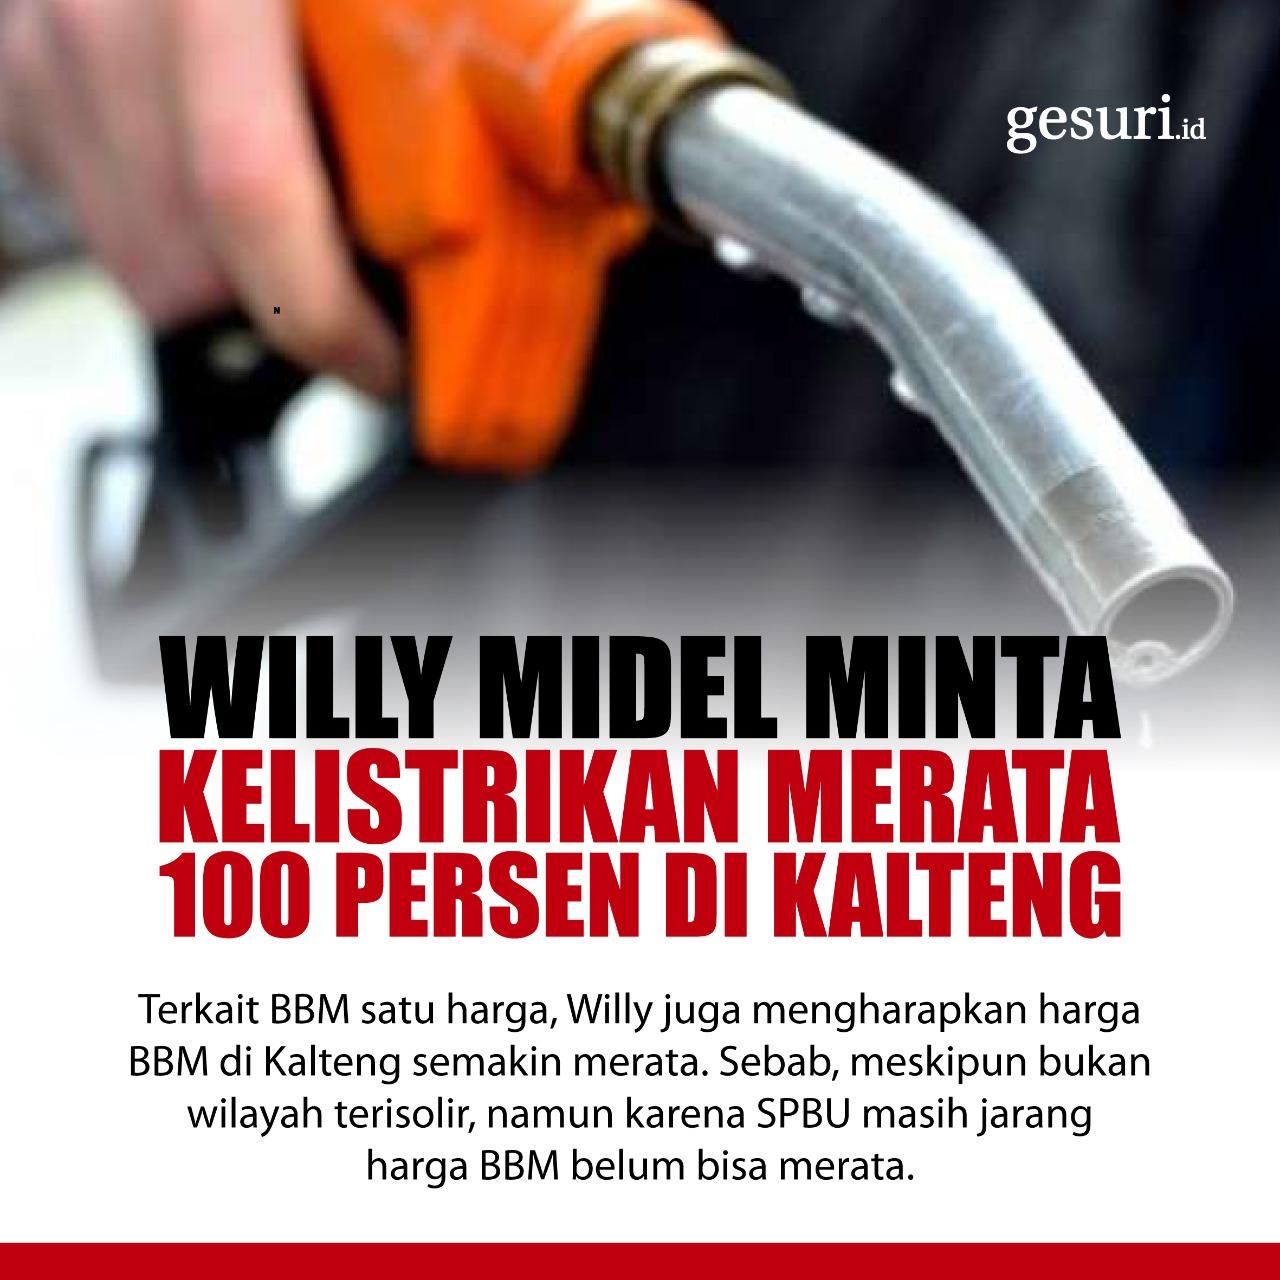 Willy Midel Minta Kelistrikan Merata 100 Persen di Kalteng